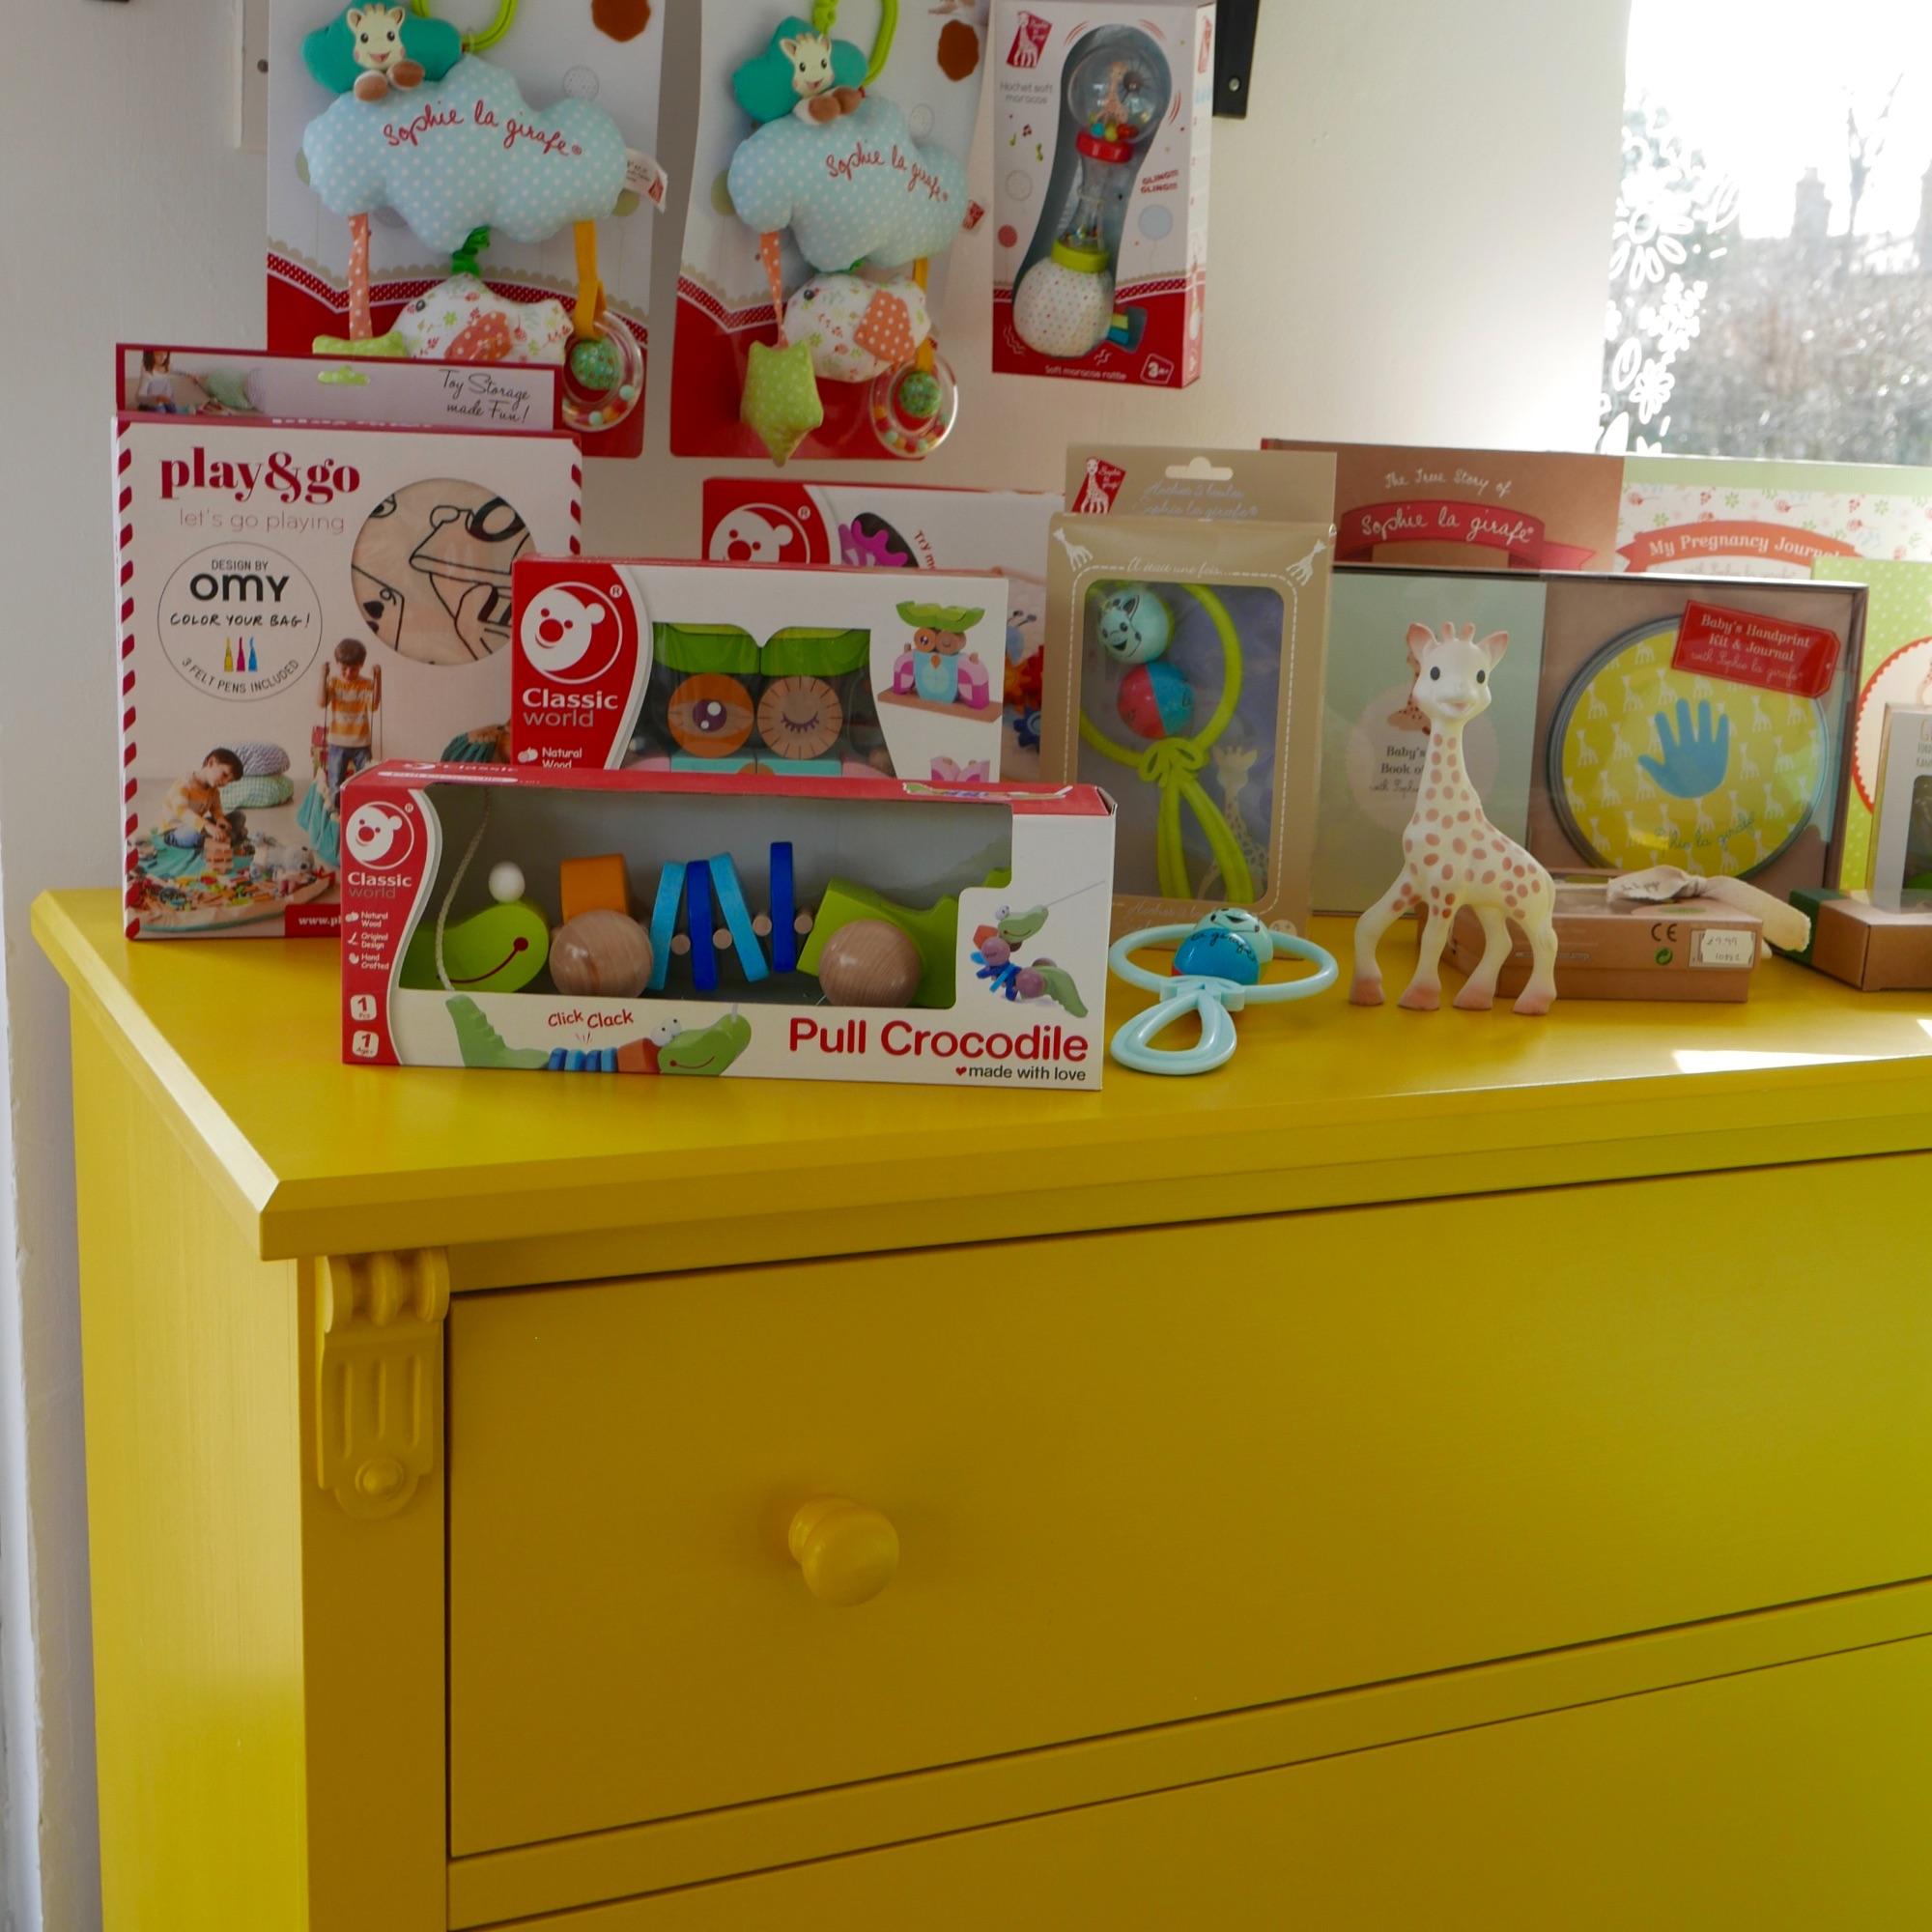 Wooden toys & Sophie Giraffe gift sets